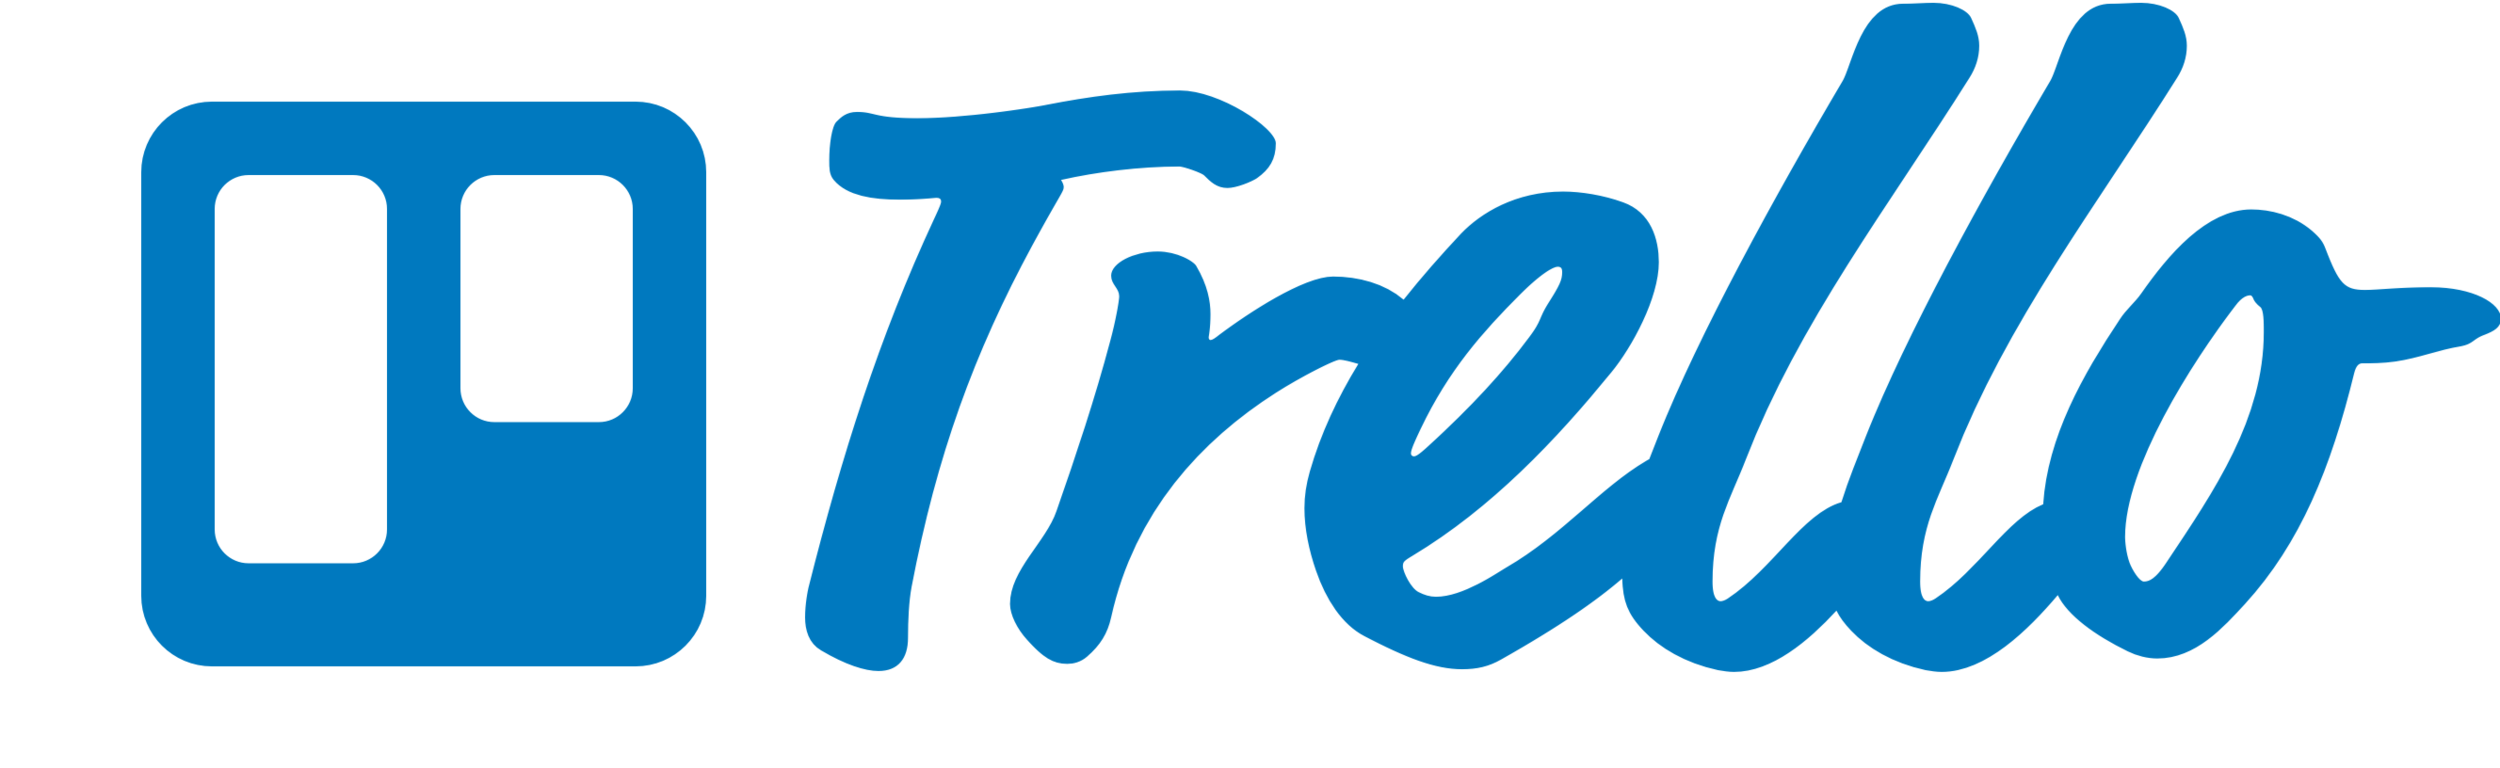 trello-logo.png